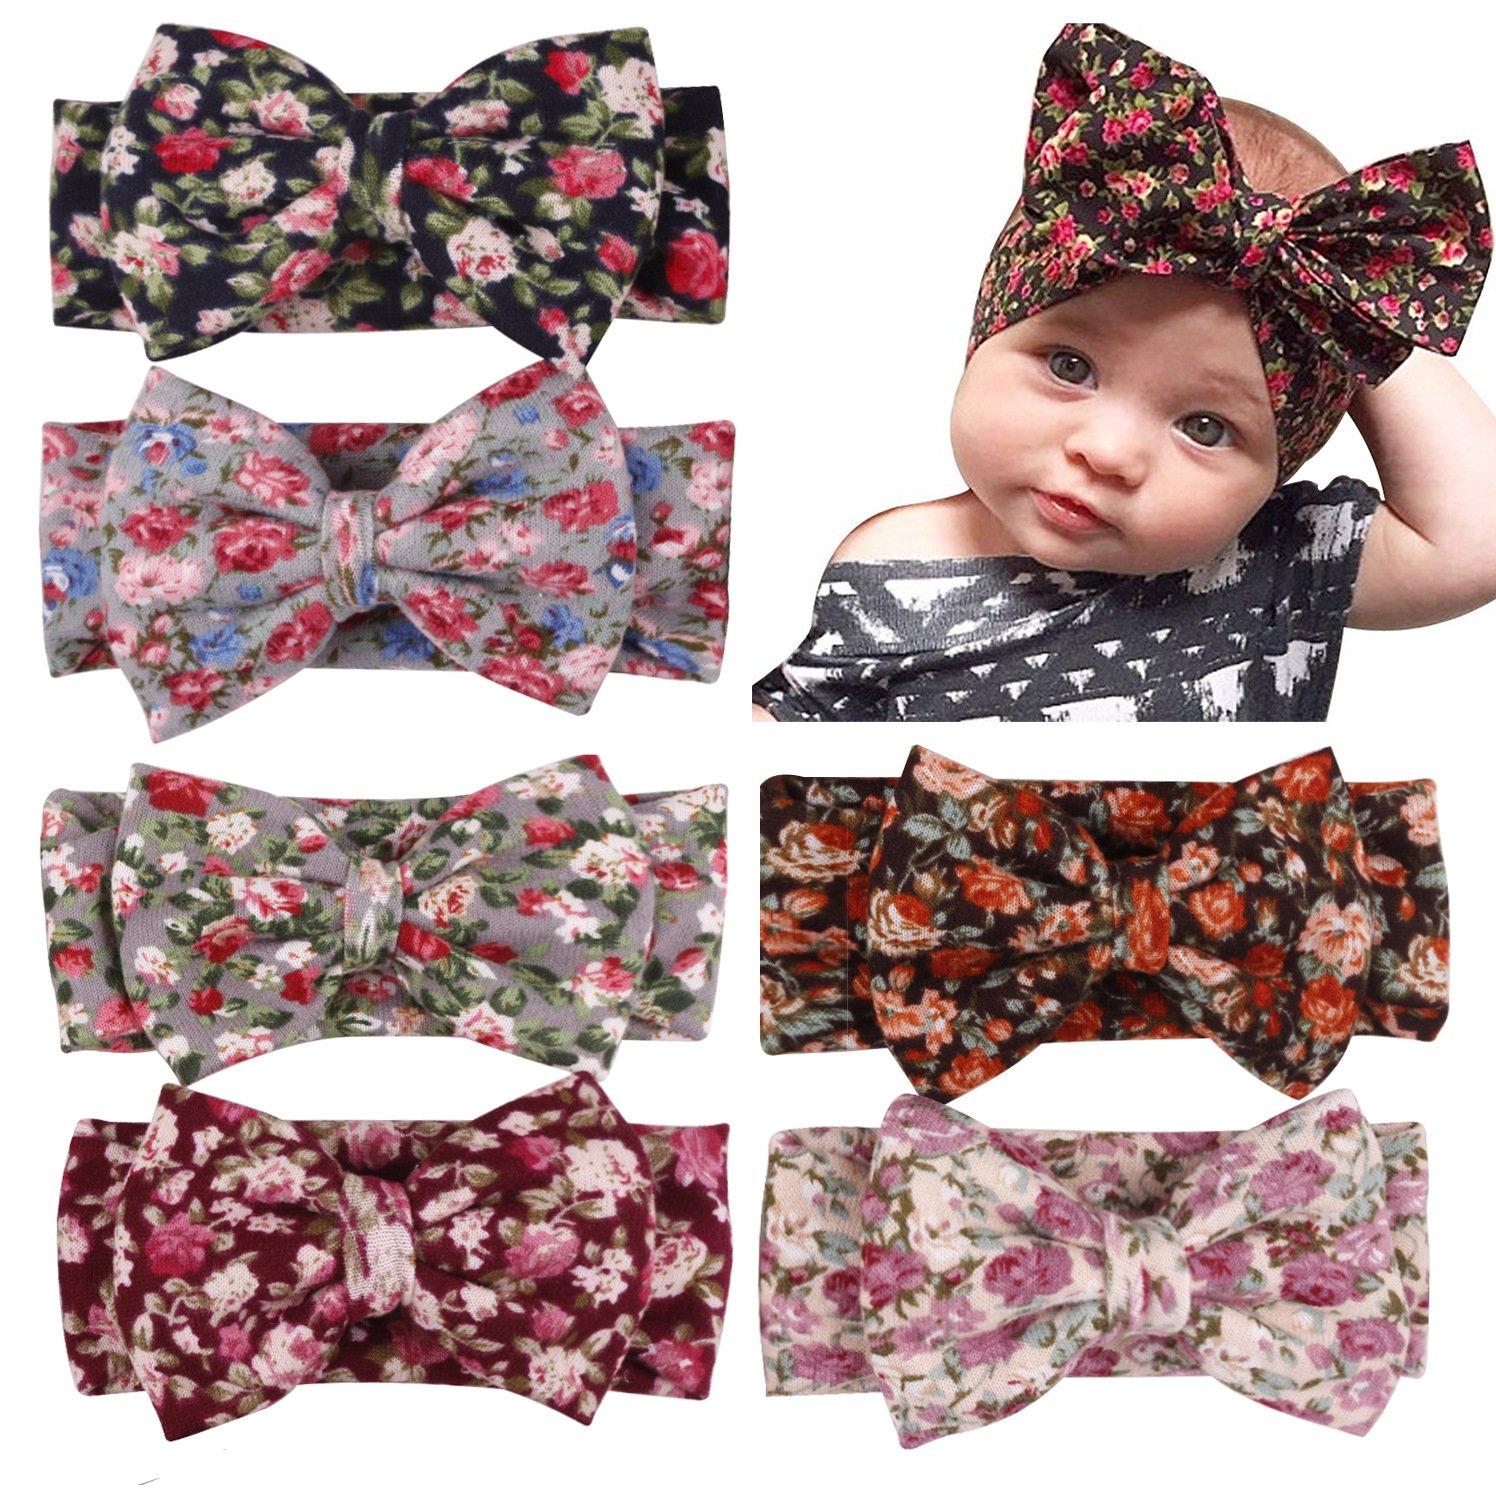 Enuo 6 Stück Baby Mädchen Neueste Turban Stirnband Kopf Haarband